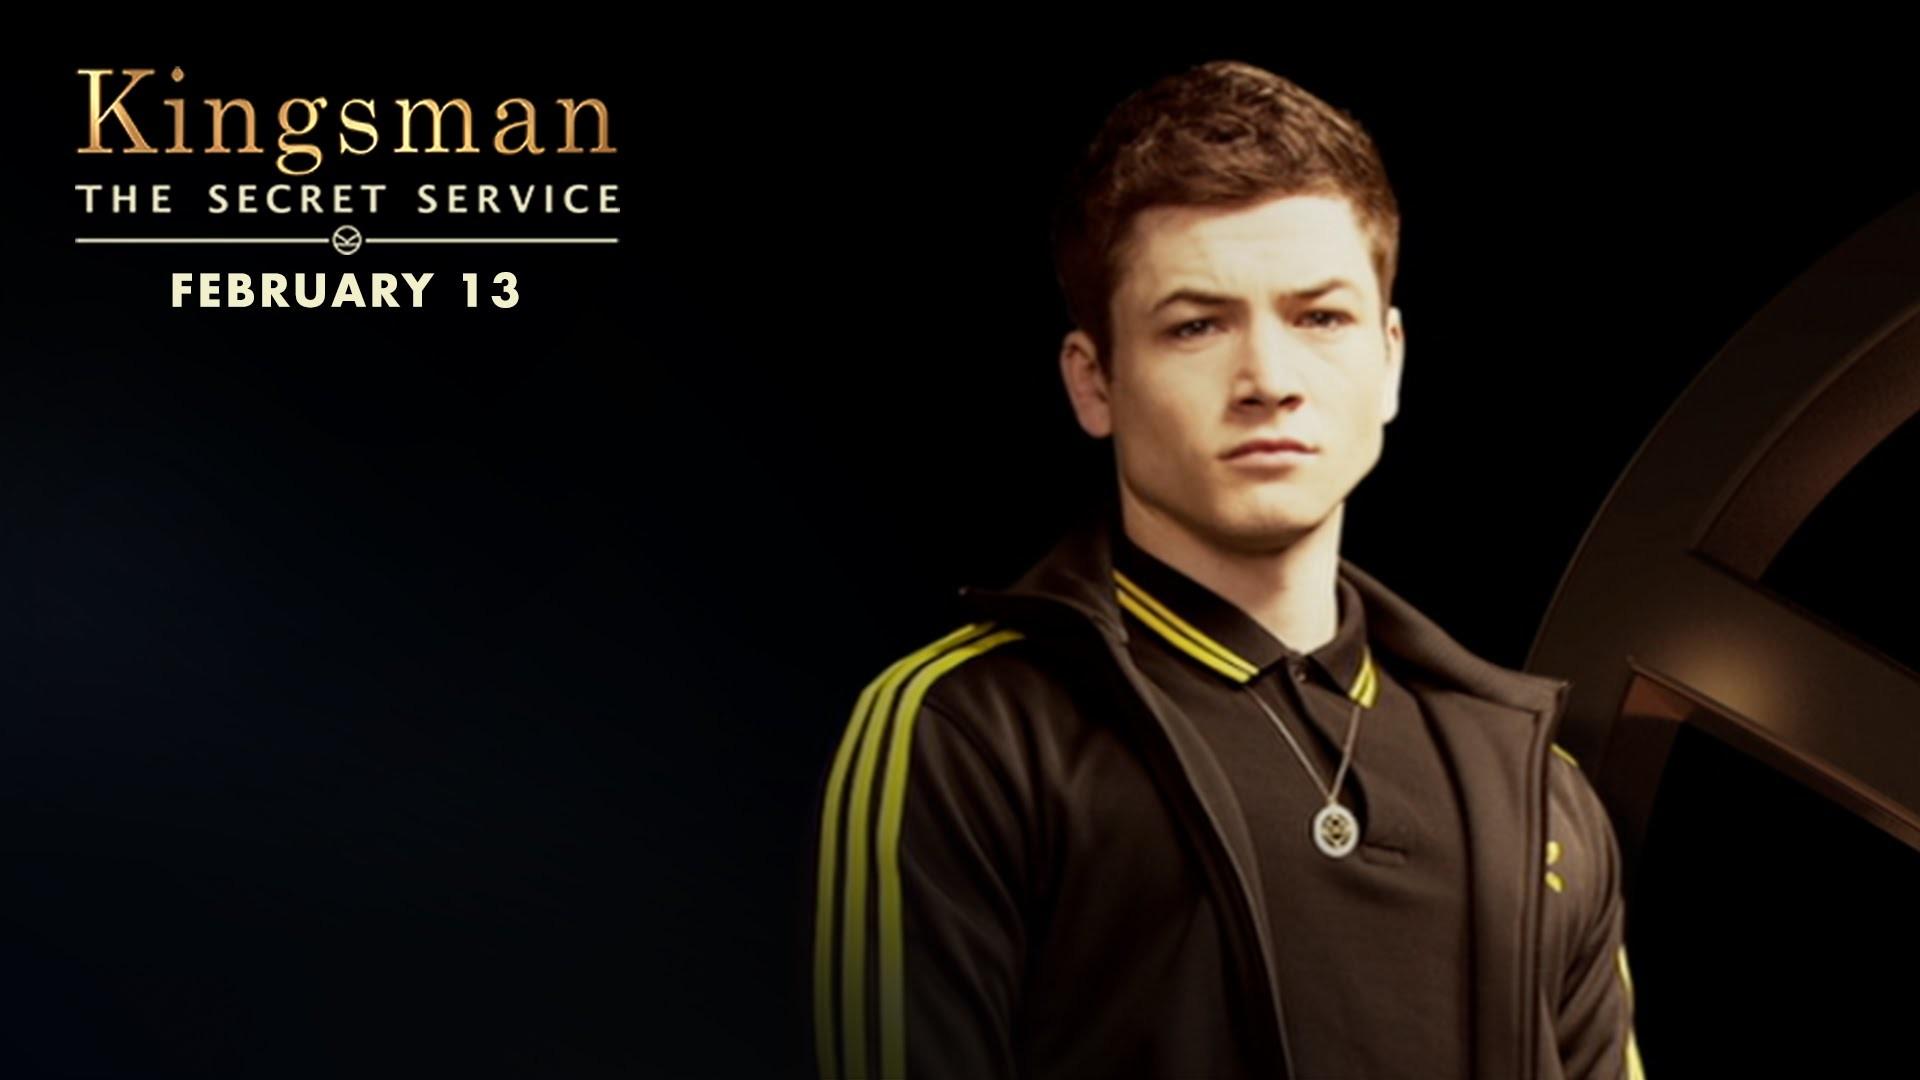 Res: 1920x1080, Kingsman: The Secret Service images Kingsman: The Secret Service HD  wallpaper and background photos